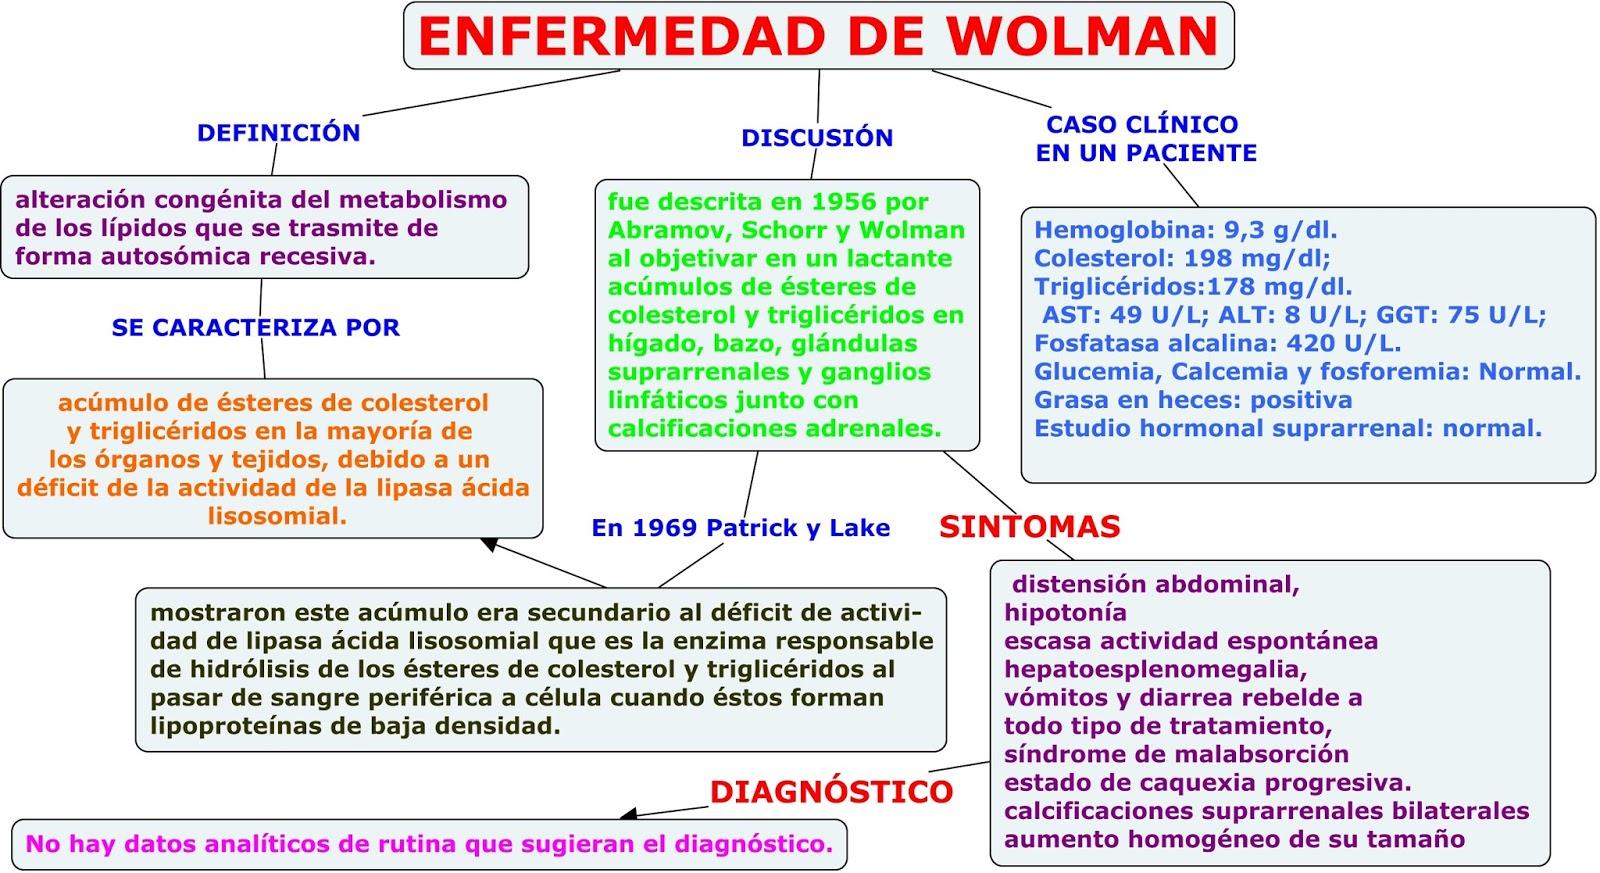 signos y sintomas de la enfermedad de wolman